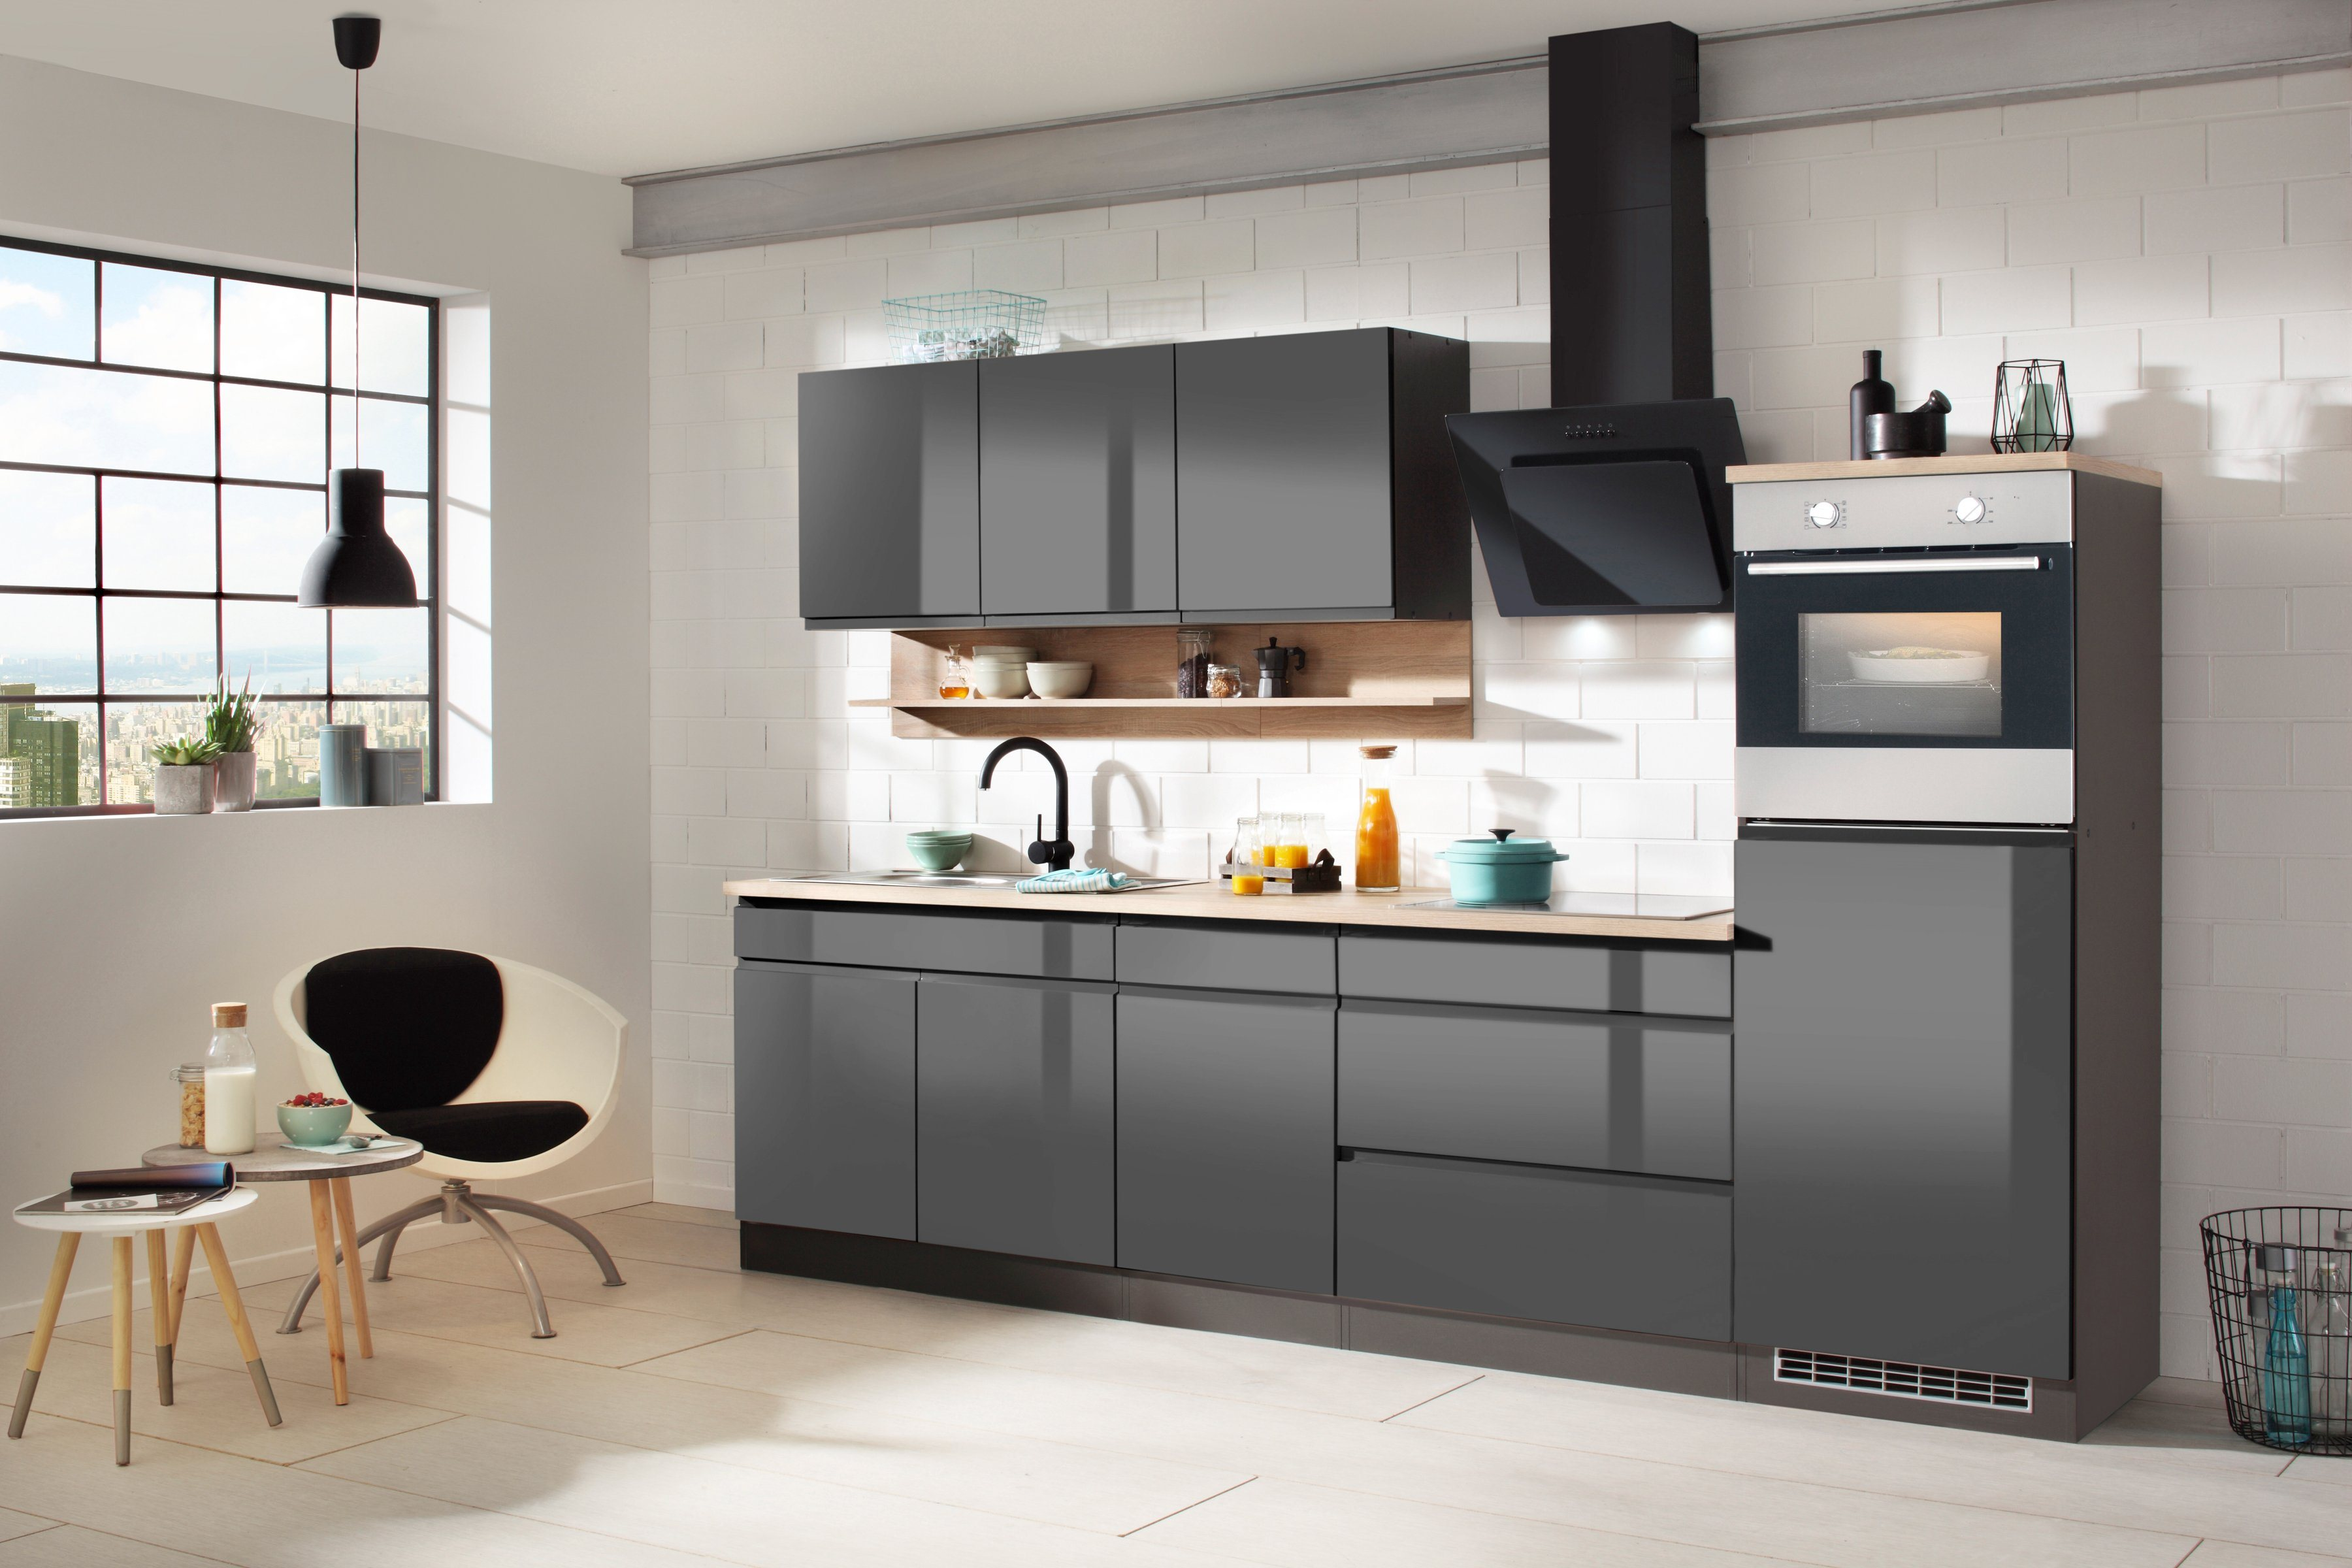 cs schmal regal preisvergleich die besten angebote online kaufen. Black Bedroom Furniture Sets. Home Design Ideas